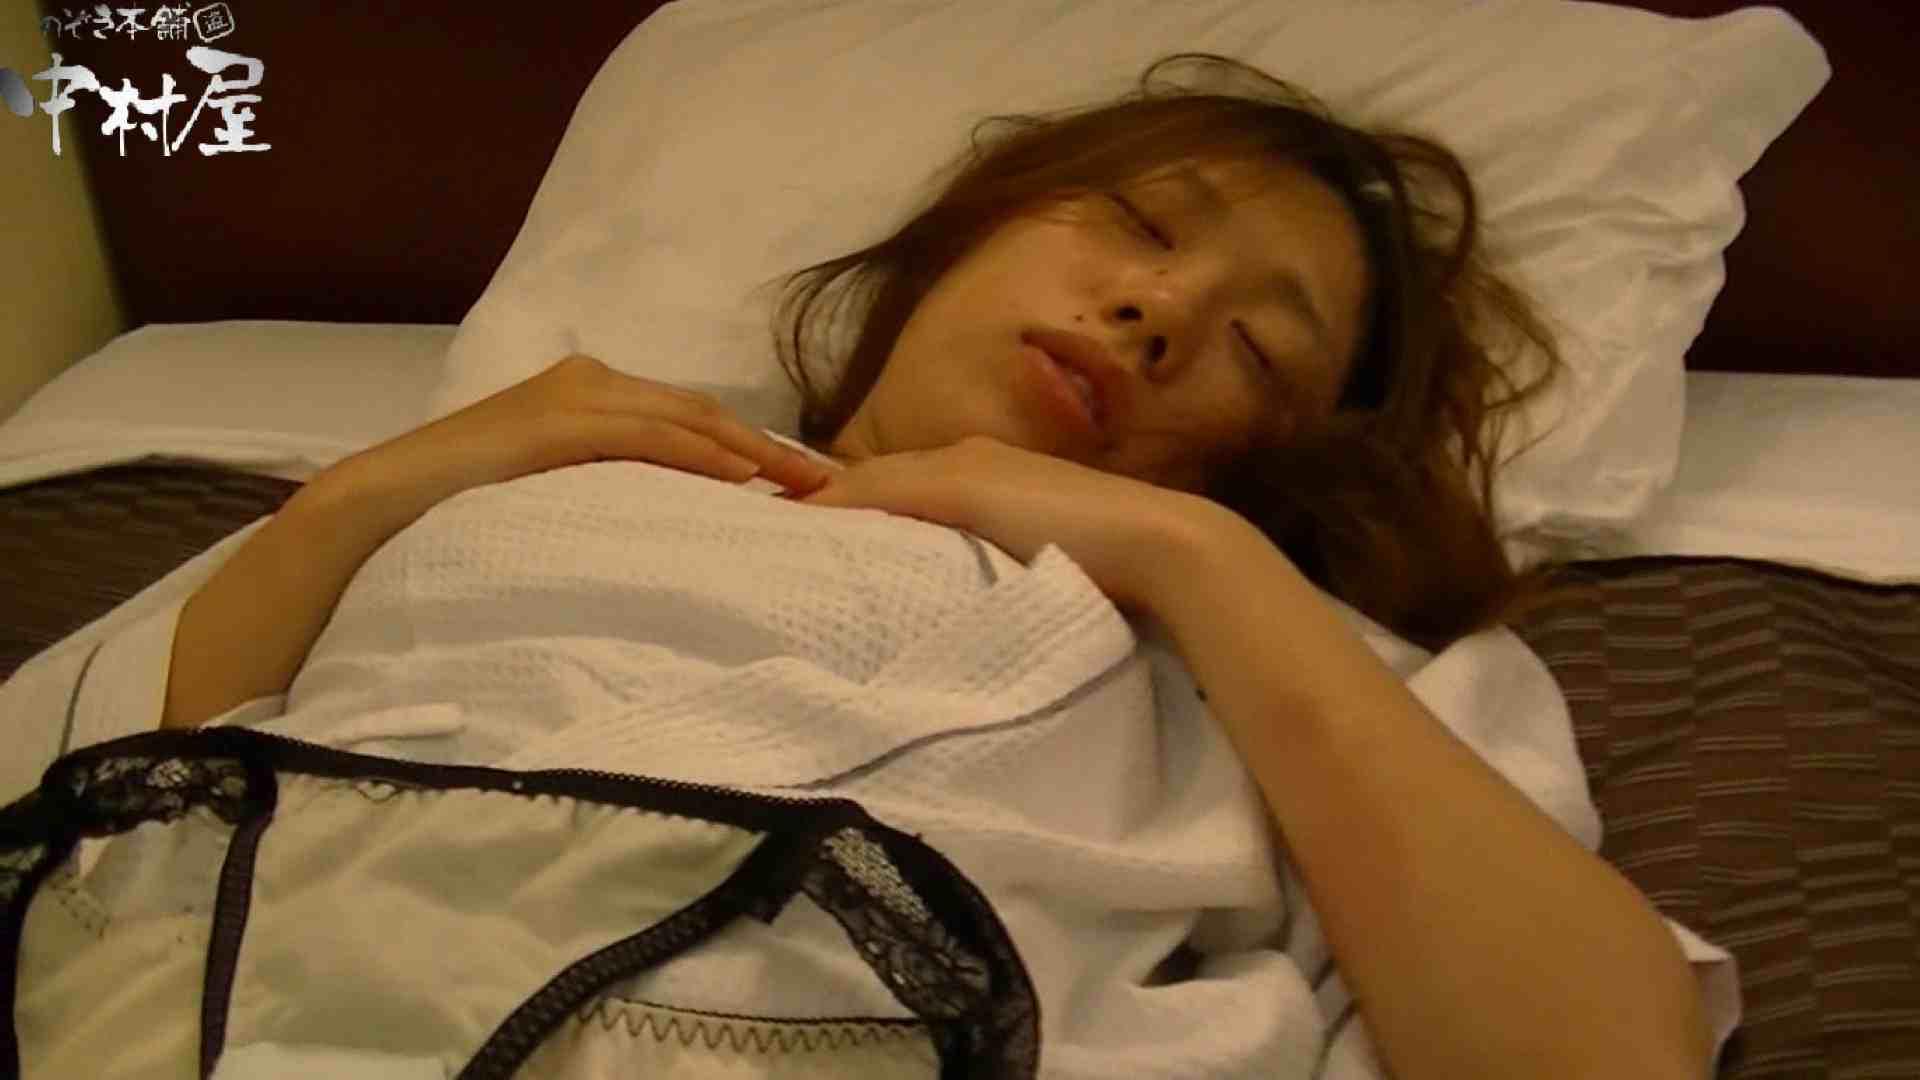 ネムリ姫 vol.27 後編 OLのエロ生活 AV動画キャプチャ 91連発 72